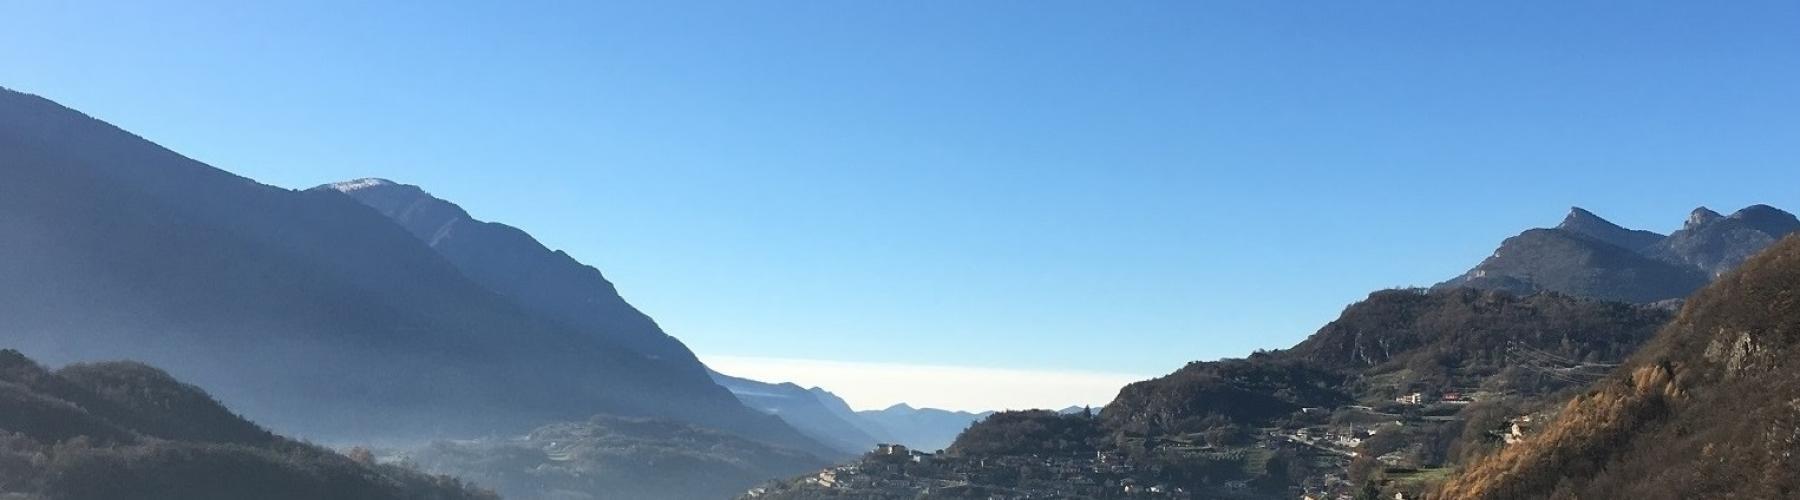 Copertina Cammino dell'Antica Via Valeriana in Valle Camonica